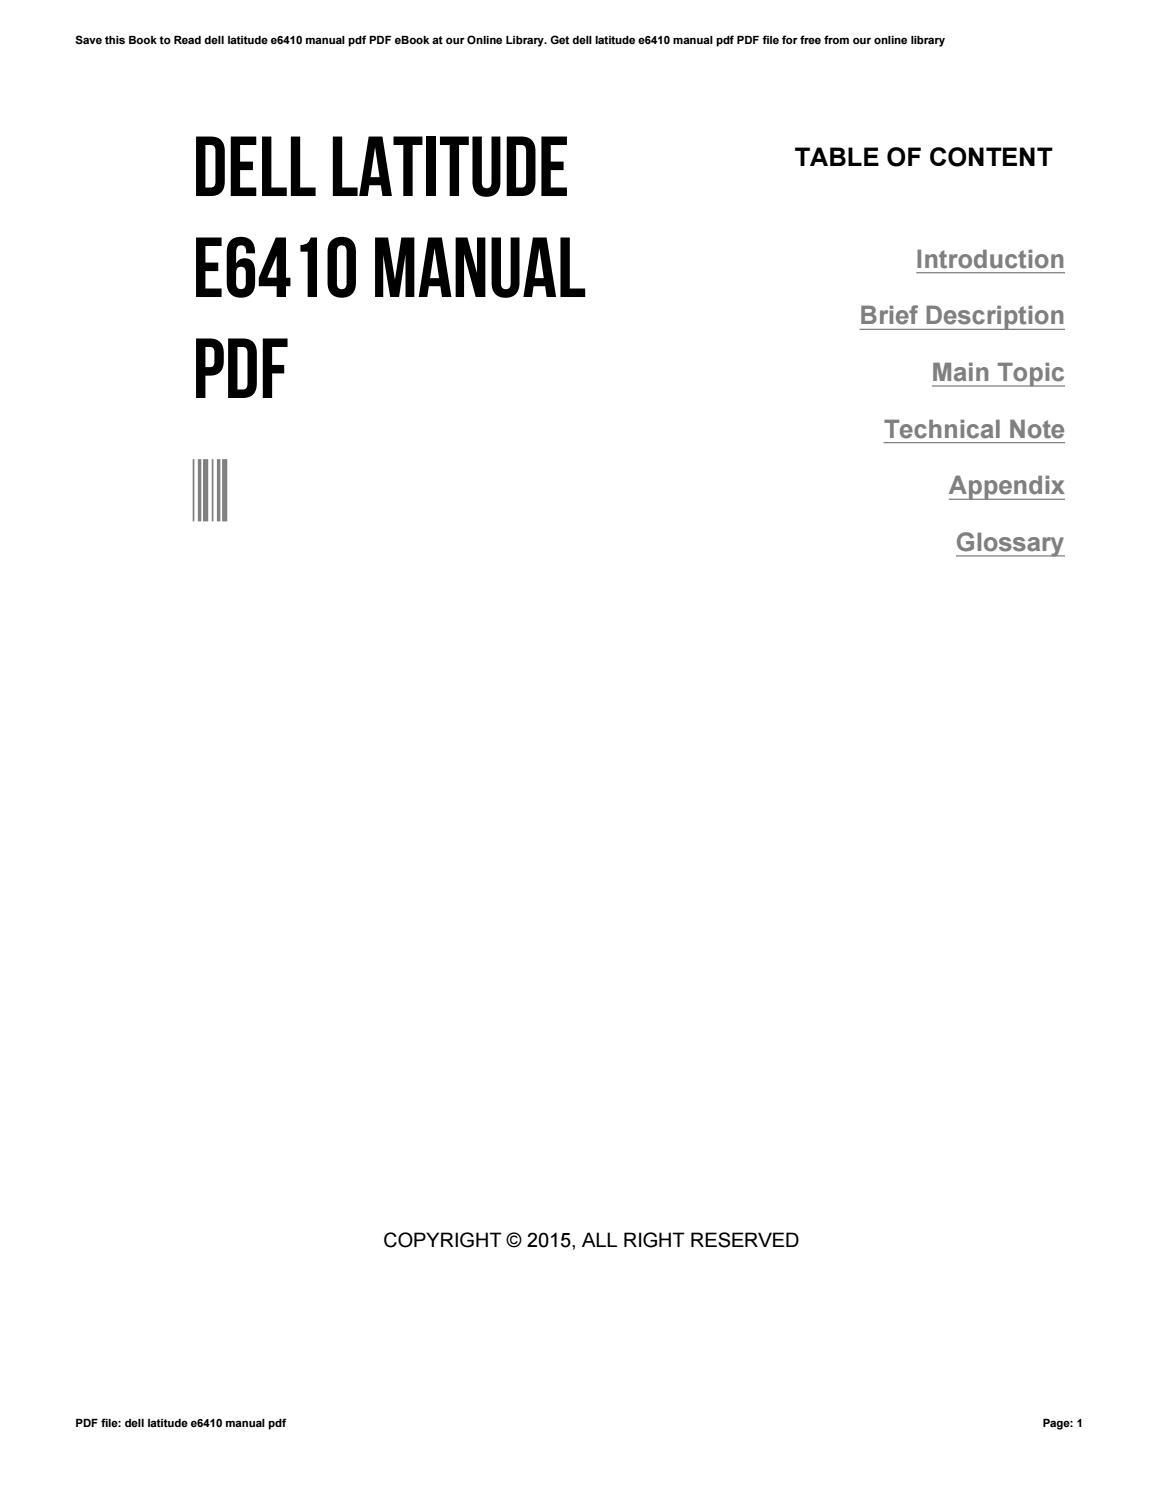 dell e6410 user manual ebook